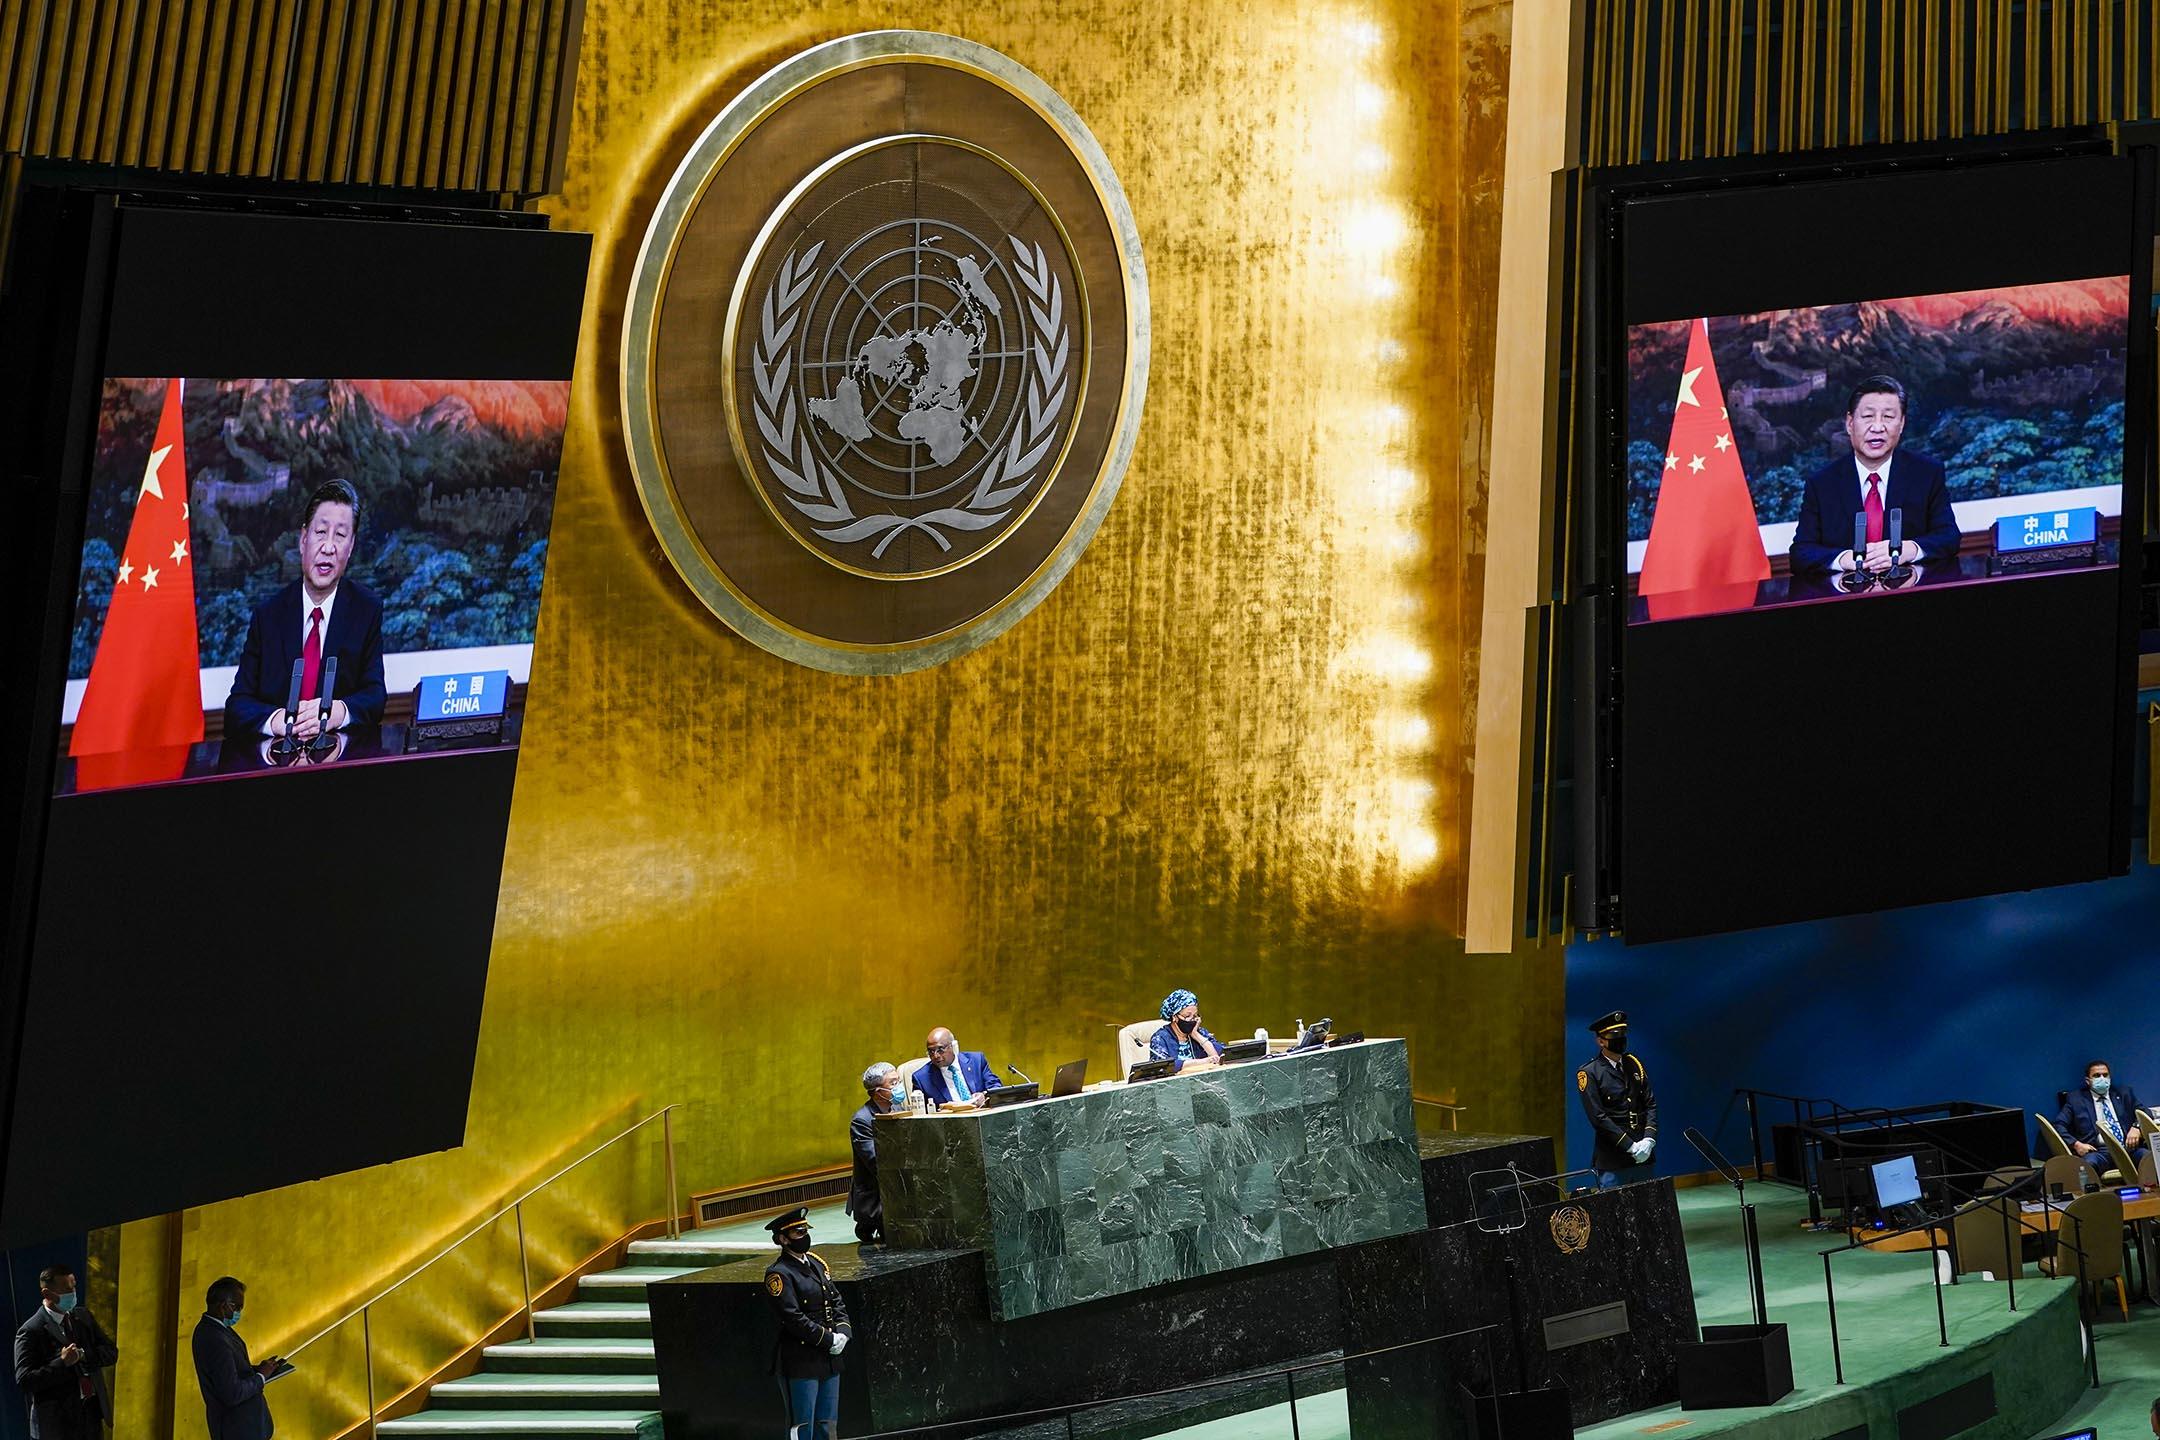 2021年9月21日紐約,中國國家主席習近平在紐約舉行的第76屆聯合國大會發表講話時。 攝:Mary Altaffer/Pool/Getty Images